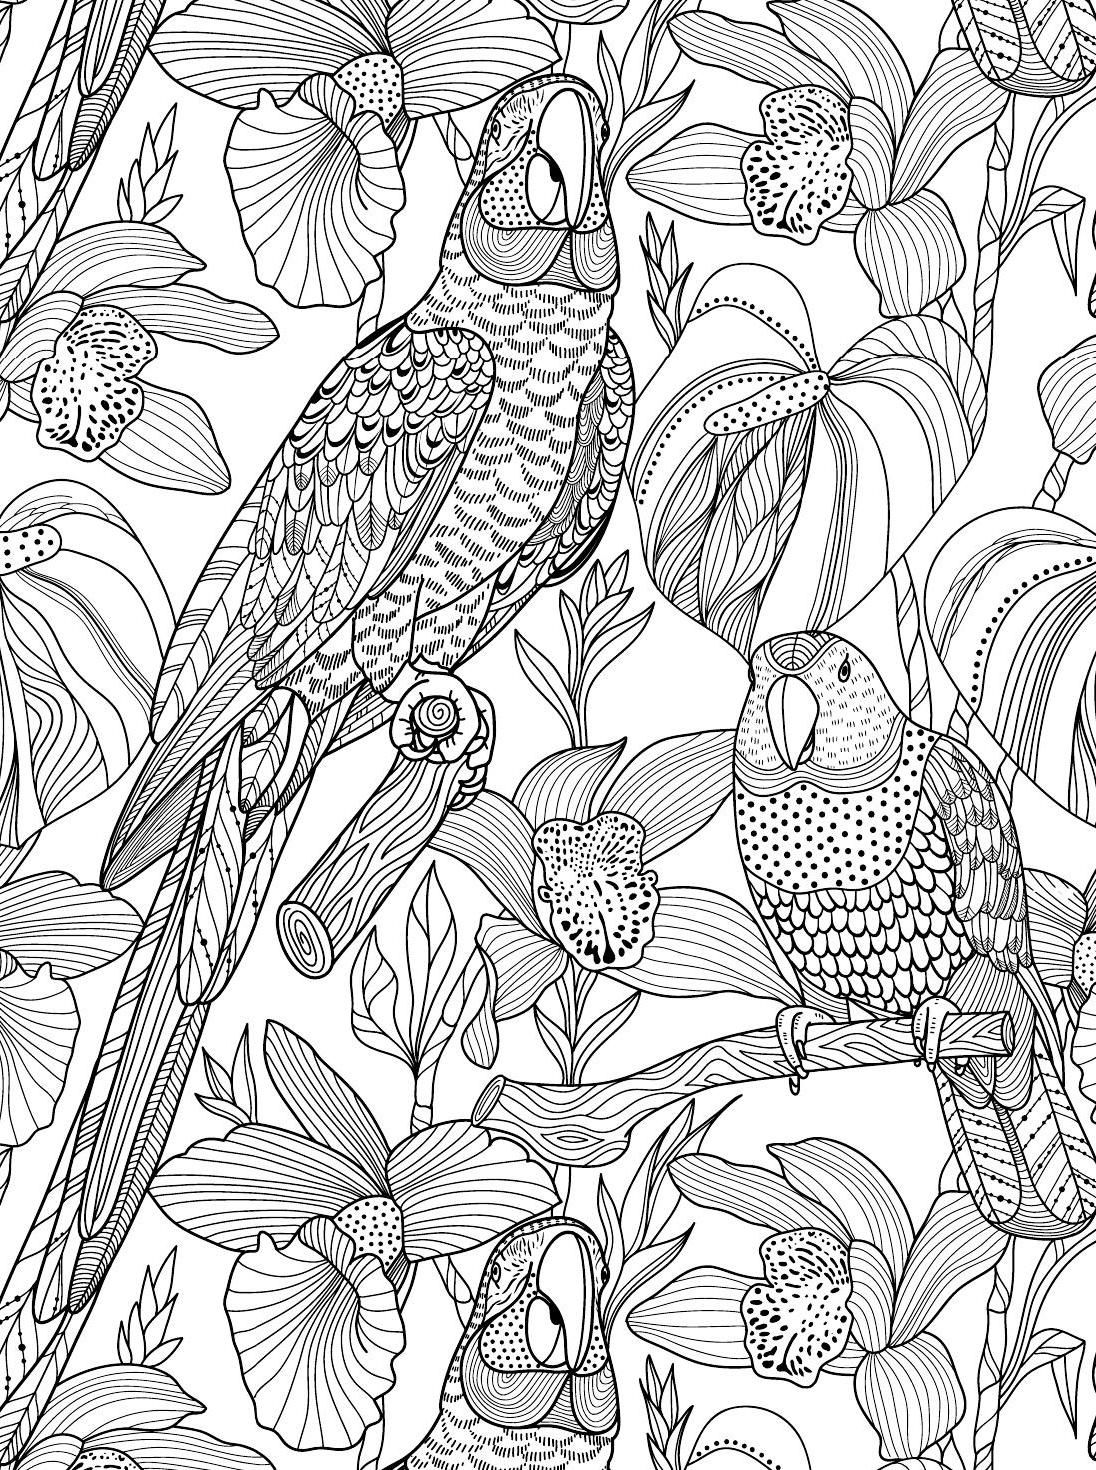 Kreativ fargelegging 100 m nstre av planter og dyr colouring book Bird coloring pages